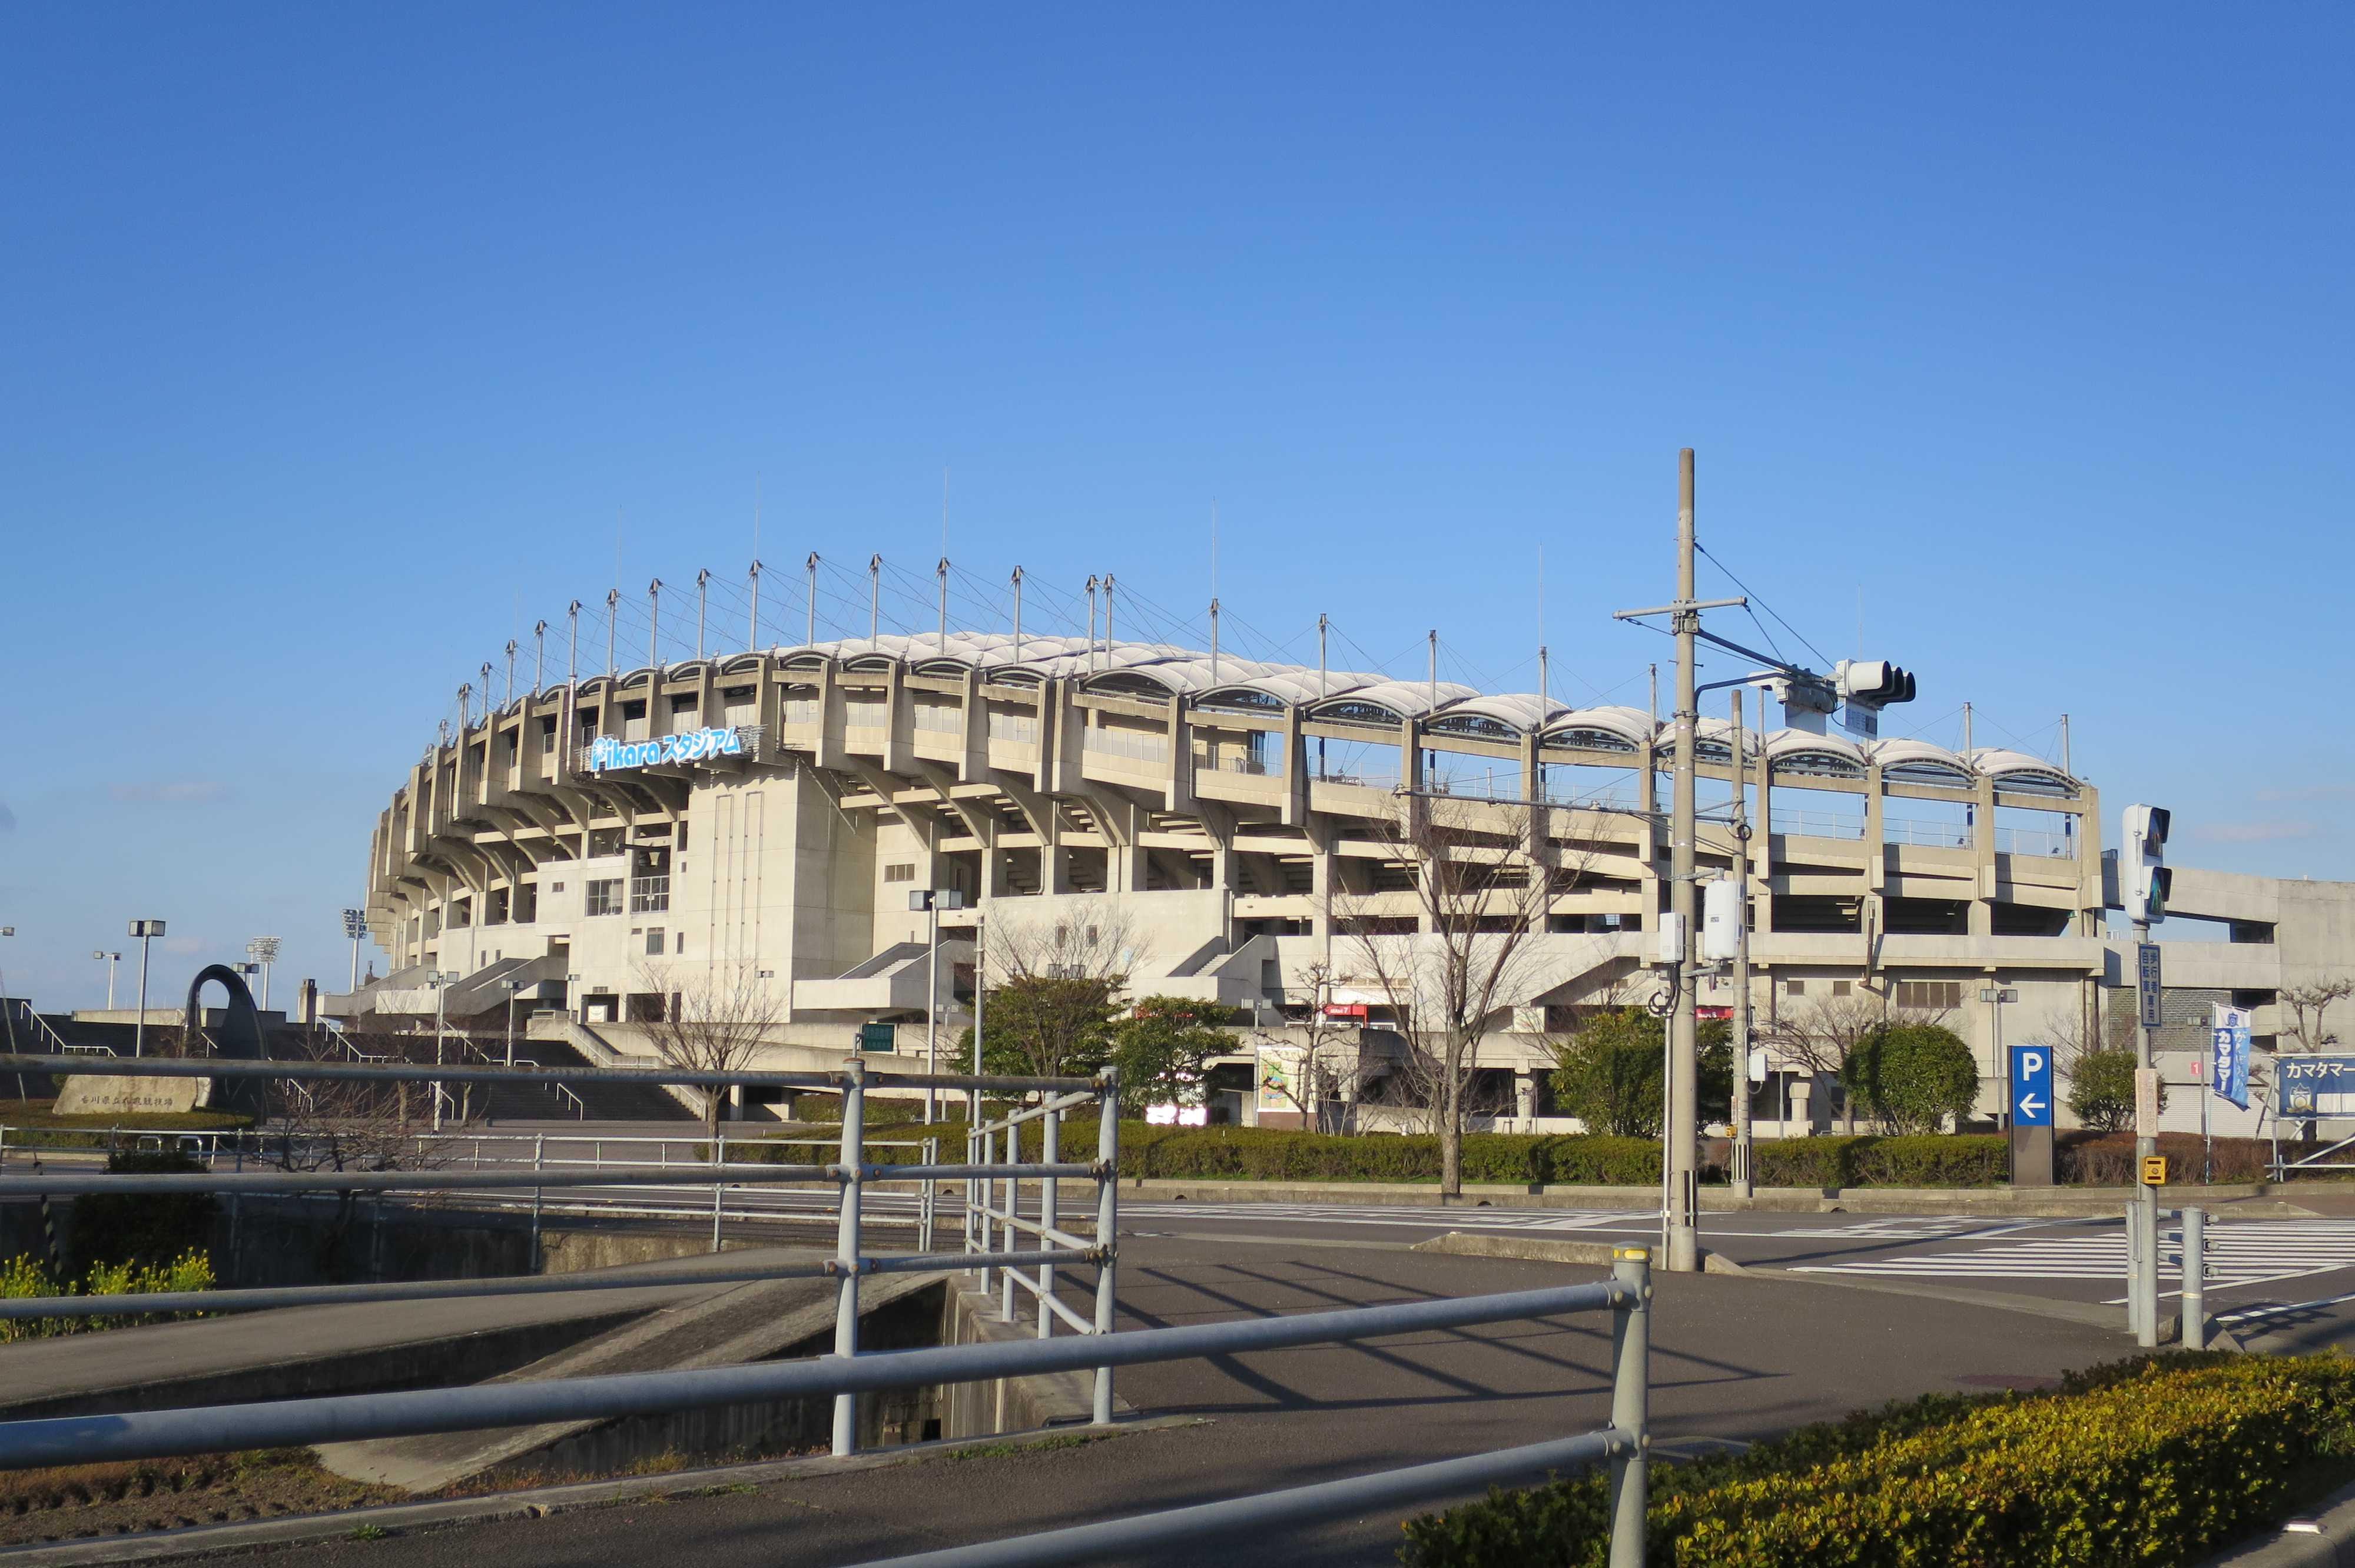 カマタマーレ讃岐の本拠地・Pikaraスタジアム(香川県立丸亀競技場)